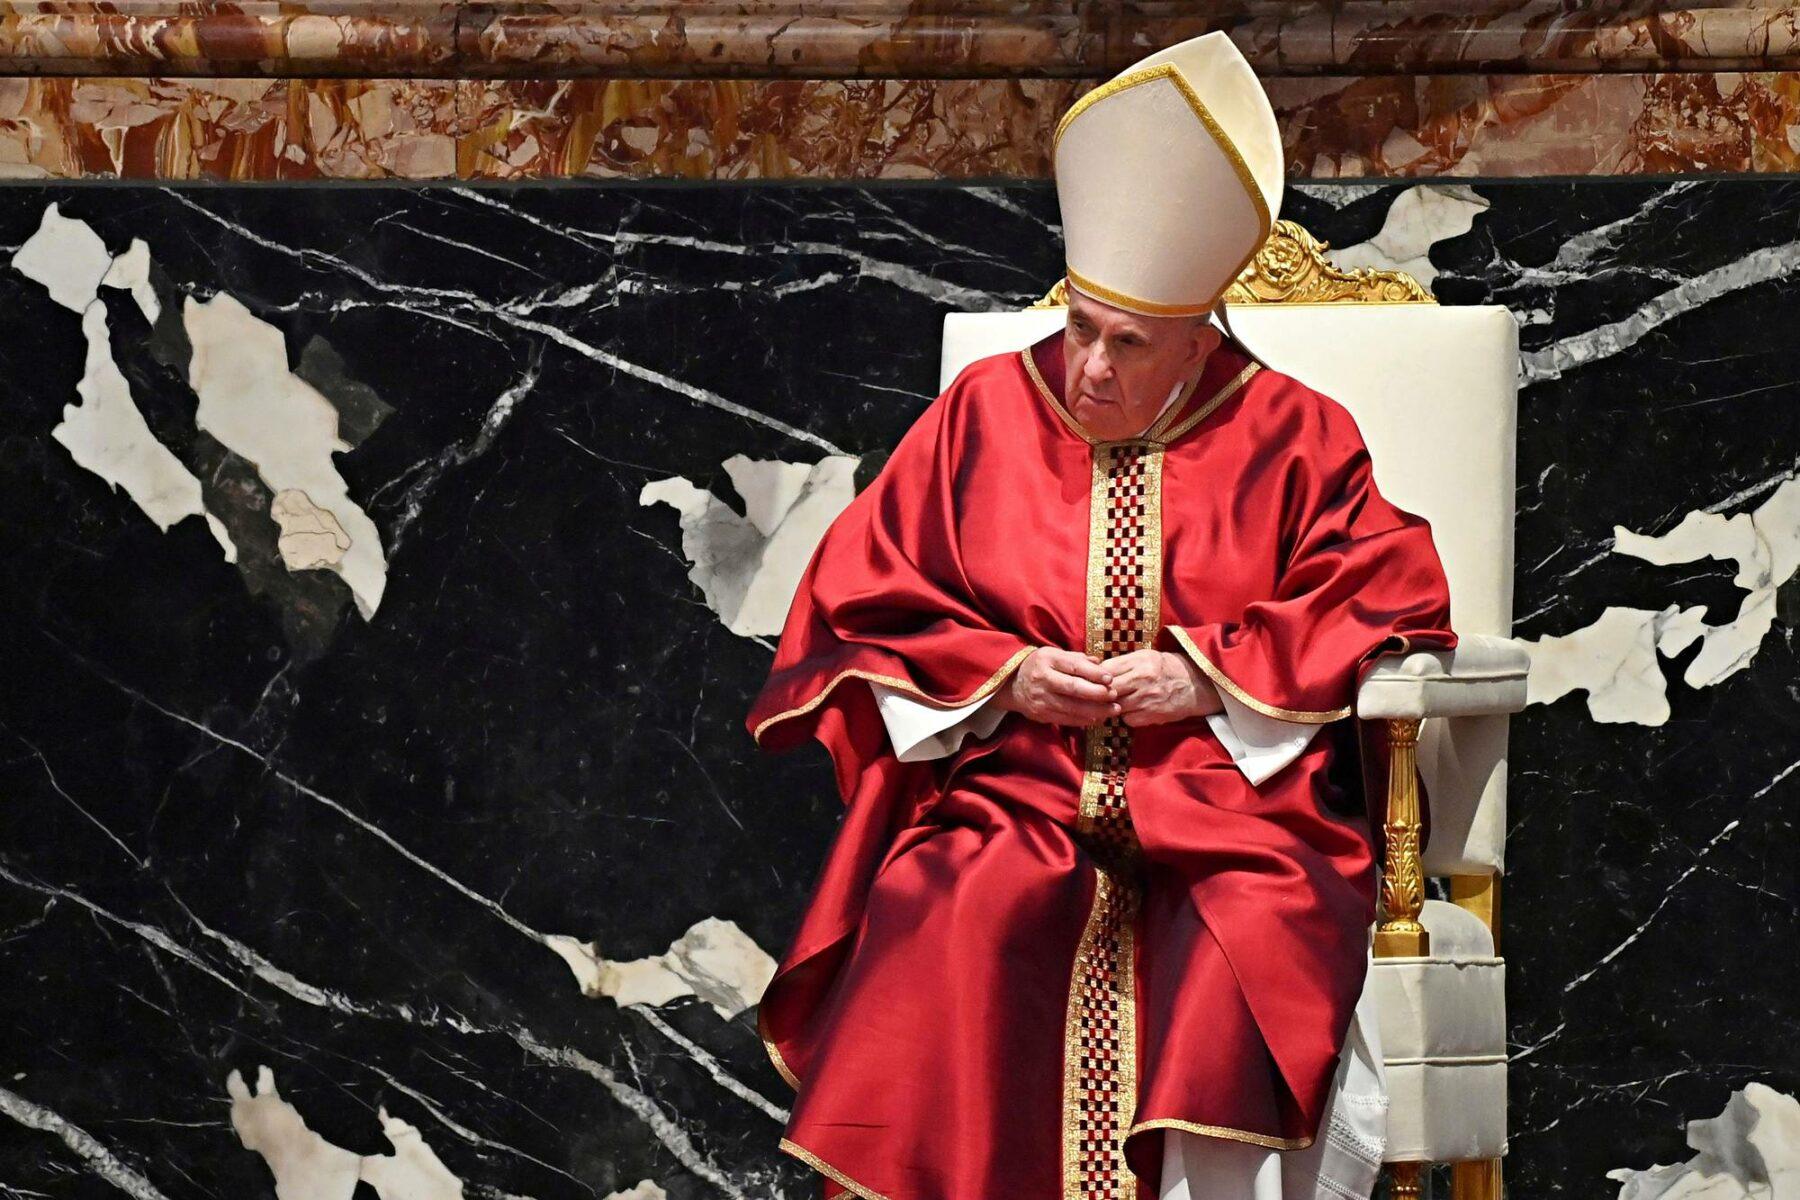 Paavi Franciscuksen kautta kulkeneessa kirjeessä perusteltiin homoparien siunauskieltoa.